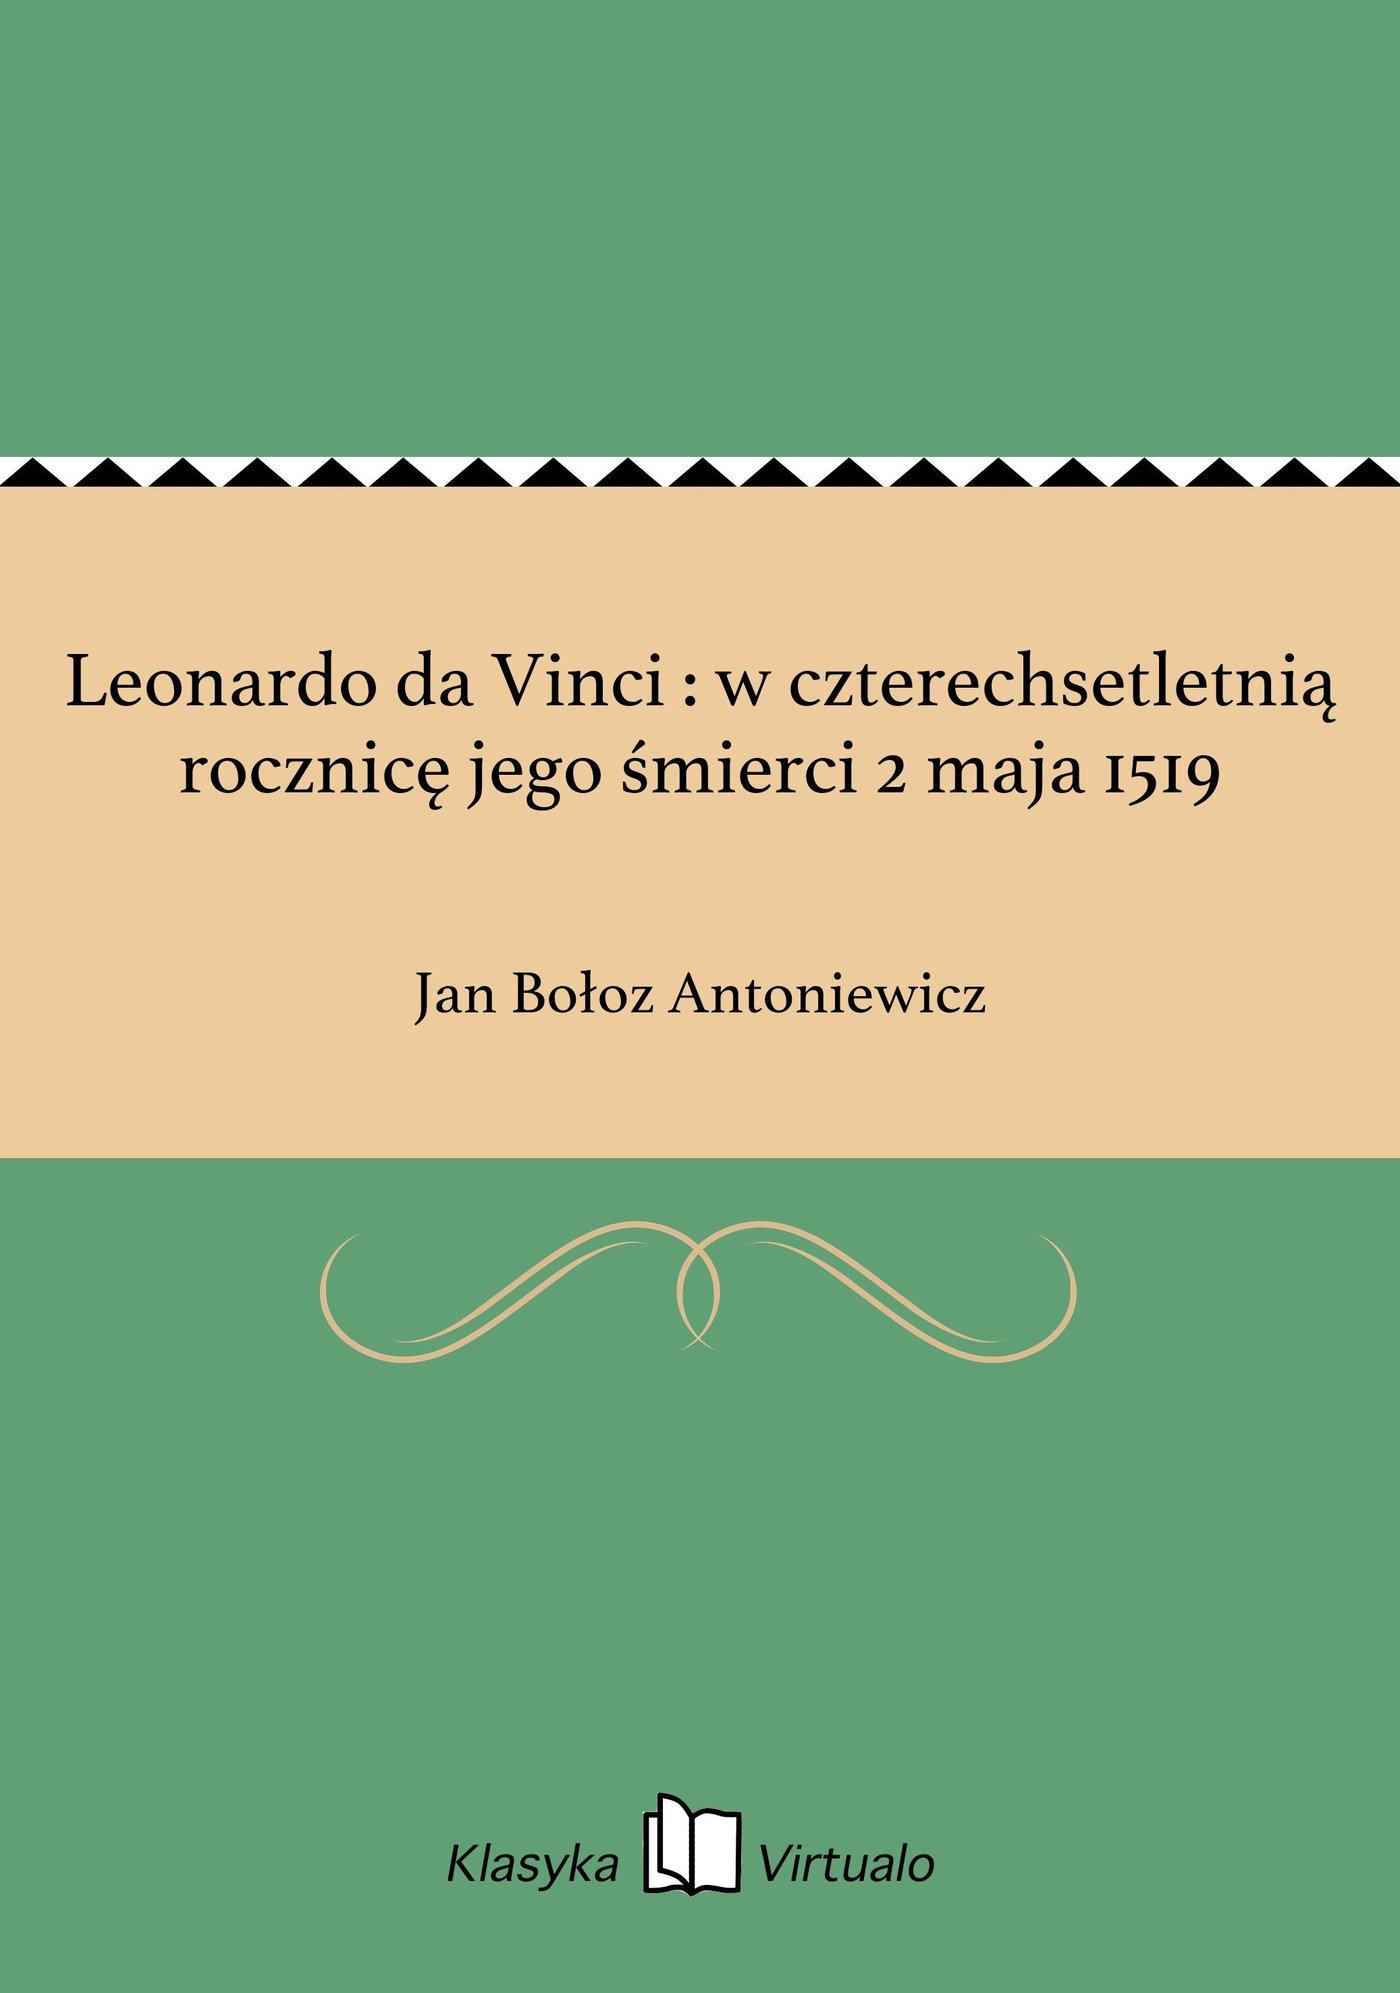 Leonardo da Vinci : w czterechsetletnią rocznicę jego śmierci 2 maja 1519 - Ebook (Książka EPUB) do pobrania w formacie EPUB